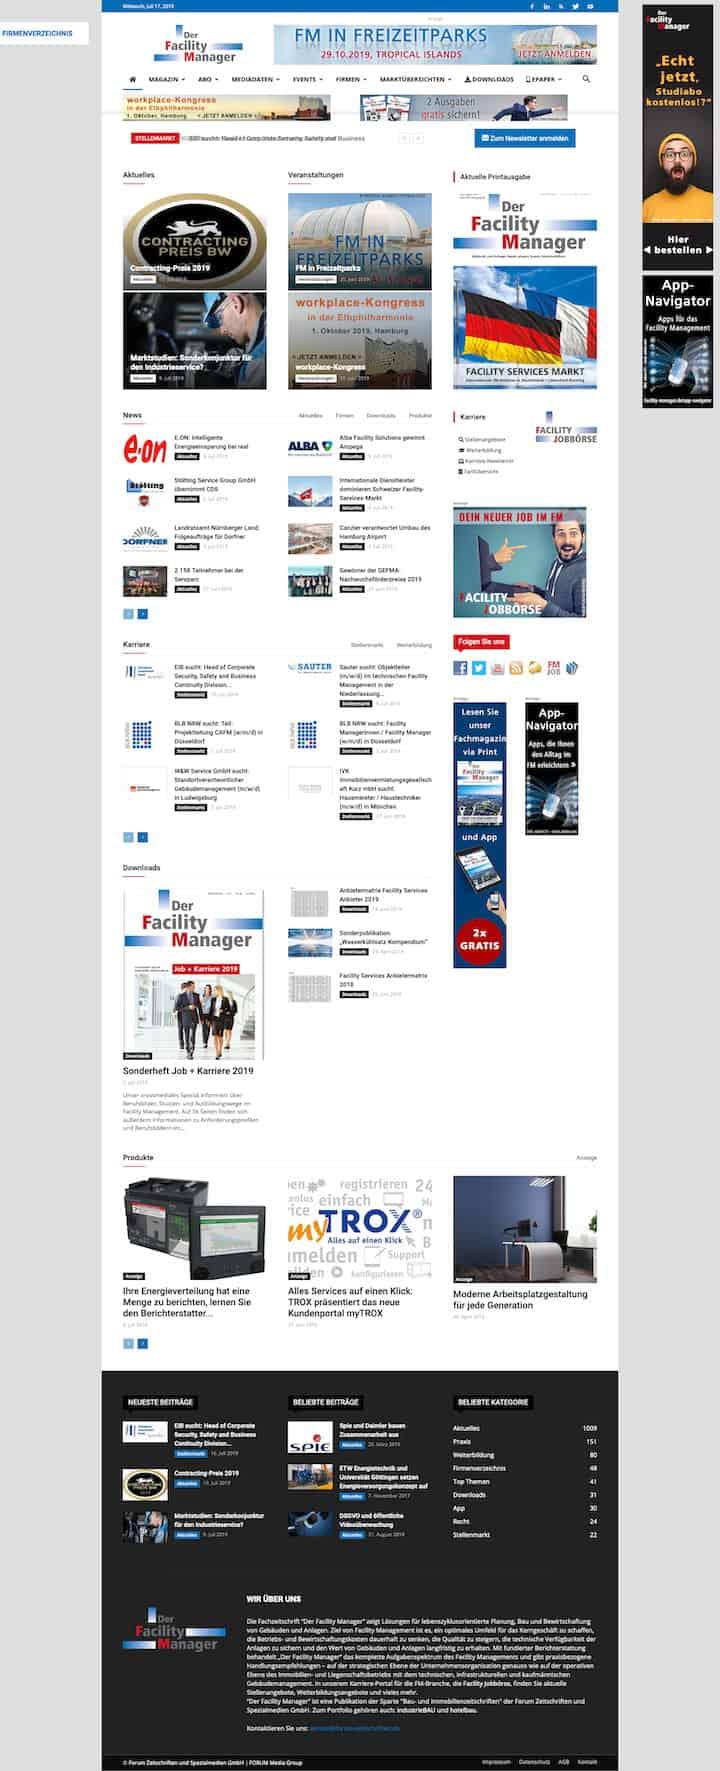 Viele Bilder, wenig Text – die neue Website von Der Facility Manager